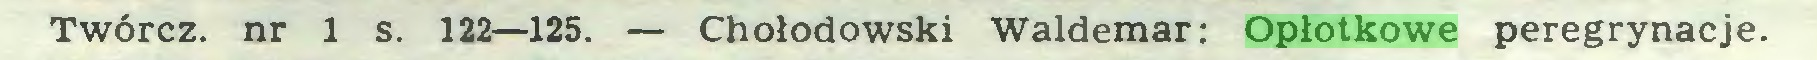 (...) Twórcz. nr 1 s. 122—125. — Chołodowski Waldemar: Opłotkowe peregrynacje...